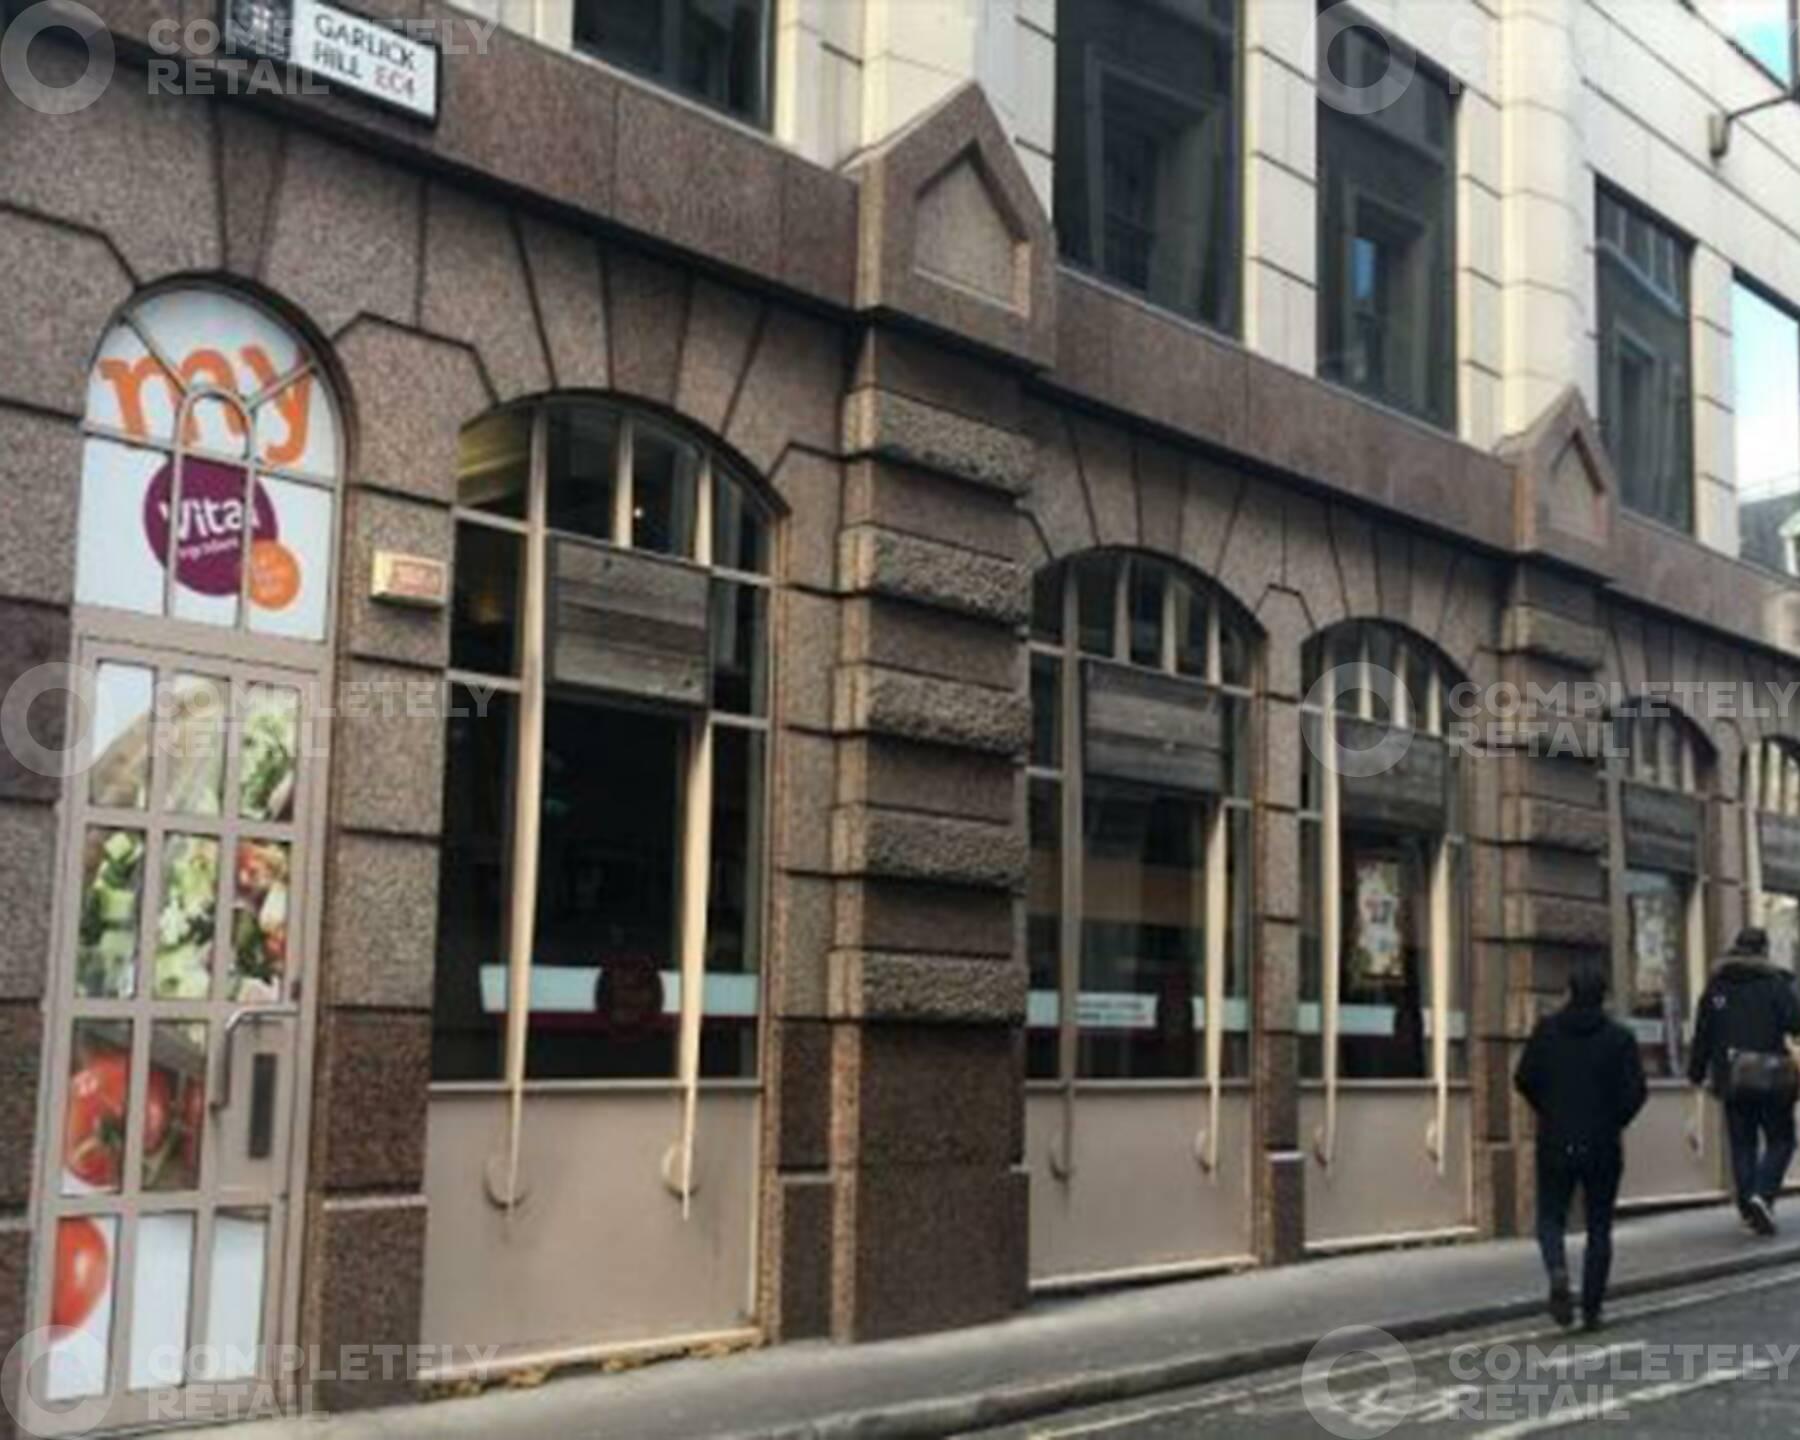 63 Queen Victoria Street, London EC4